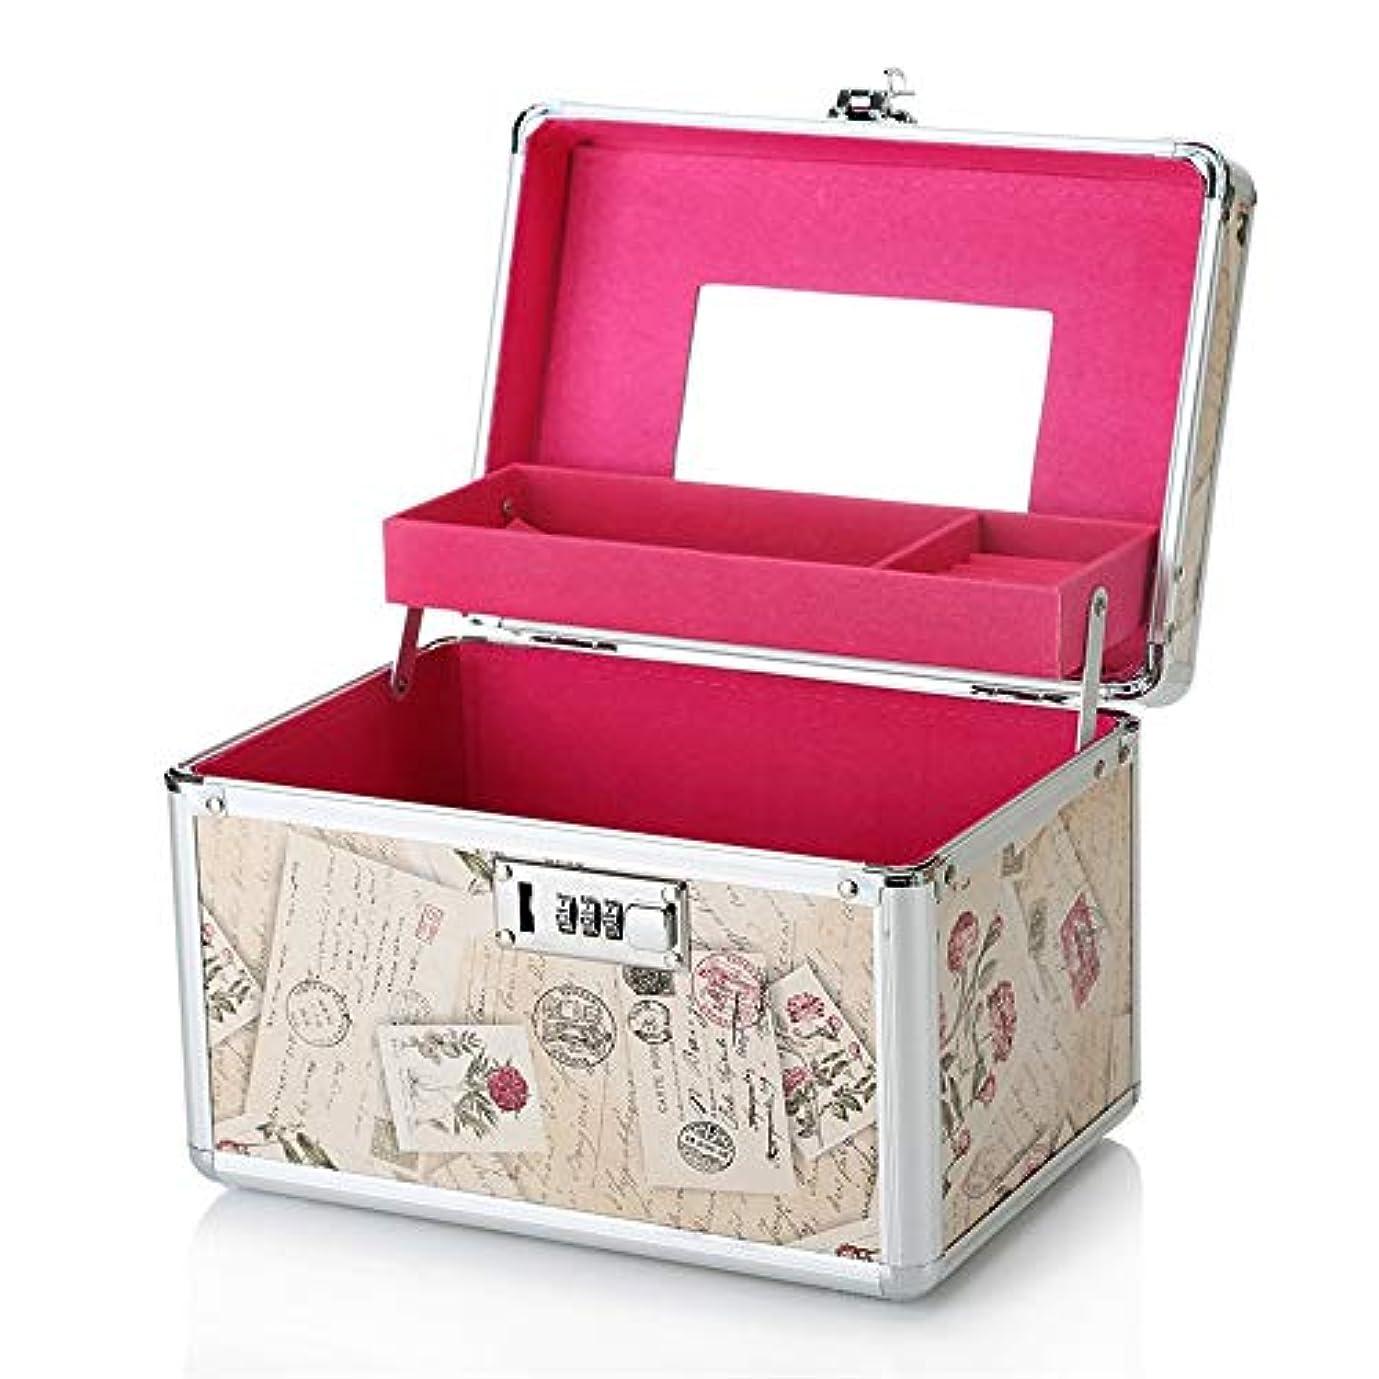 化粧オーガナイザーバッグ 旅行のメイクアップバッグメイク化粧品バッグトイレタリー化粧ケース 化粧品ケース